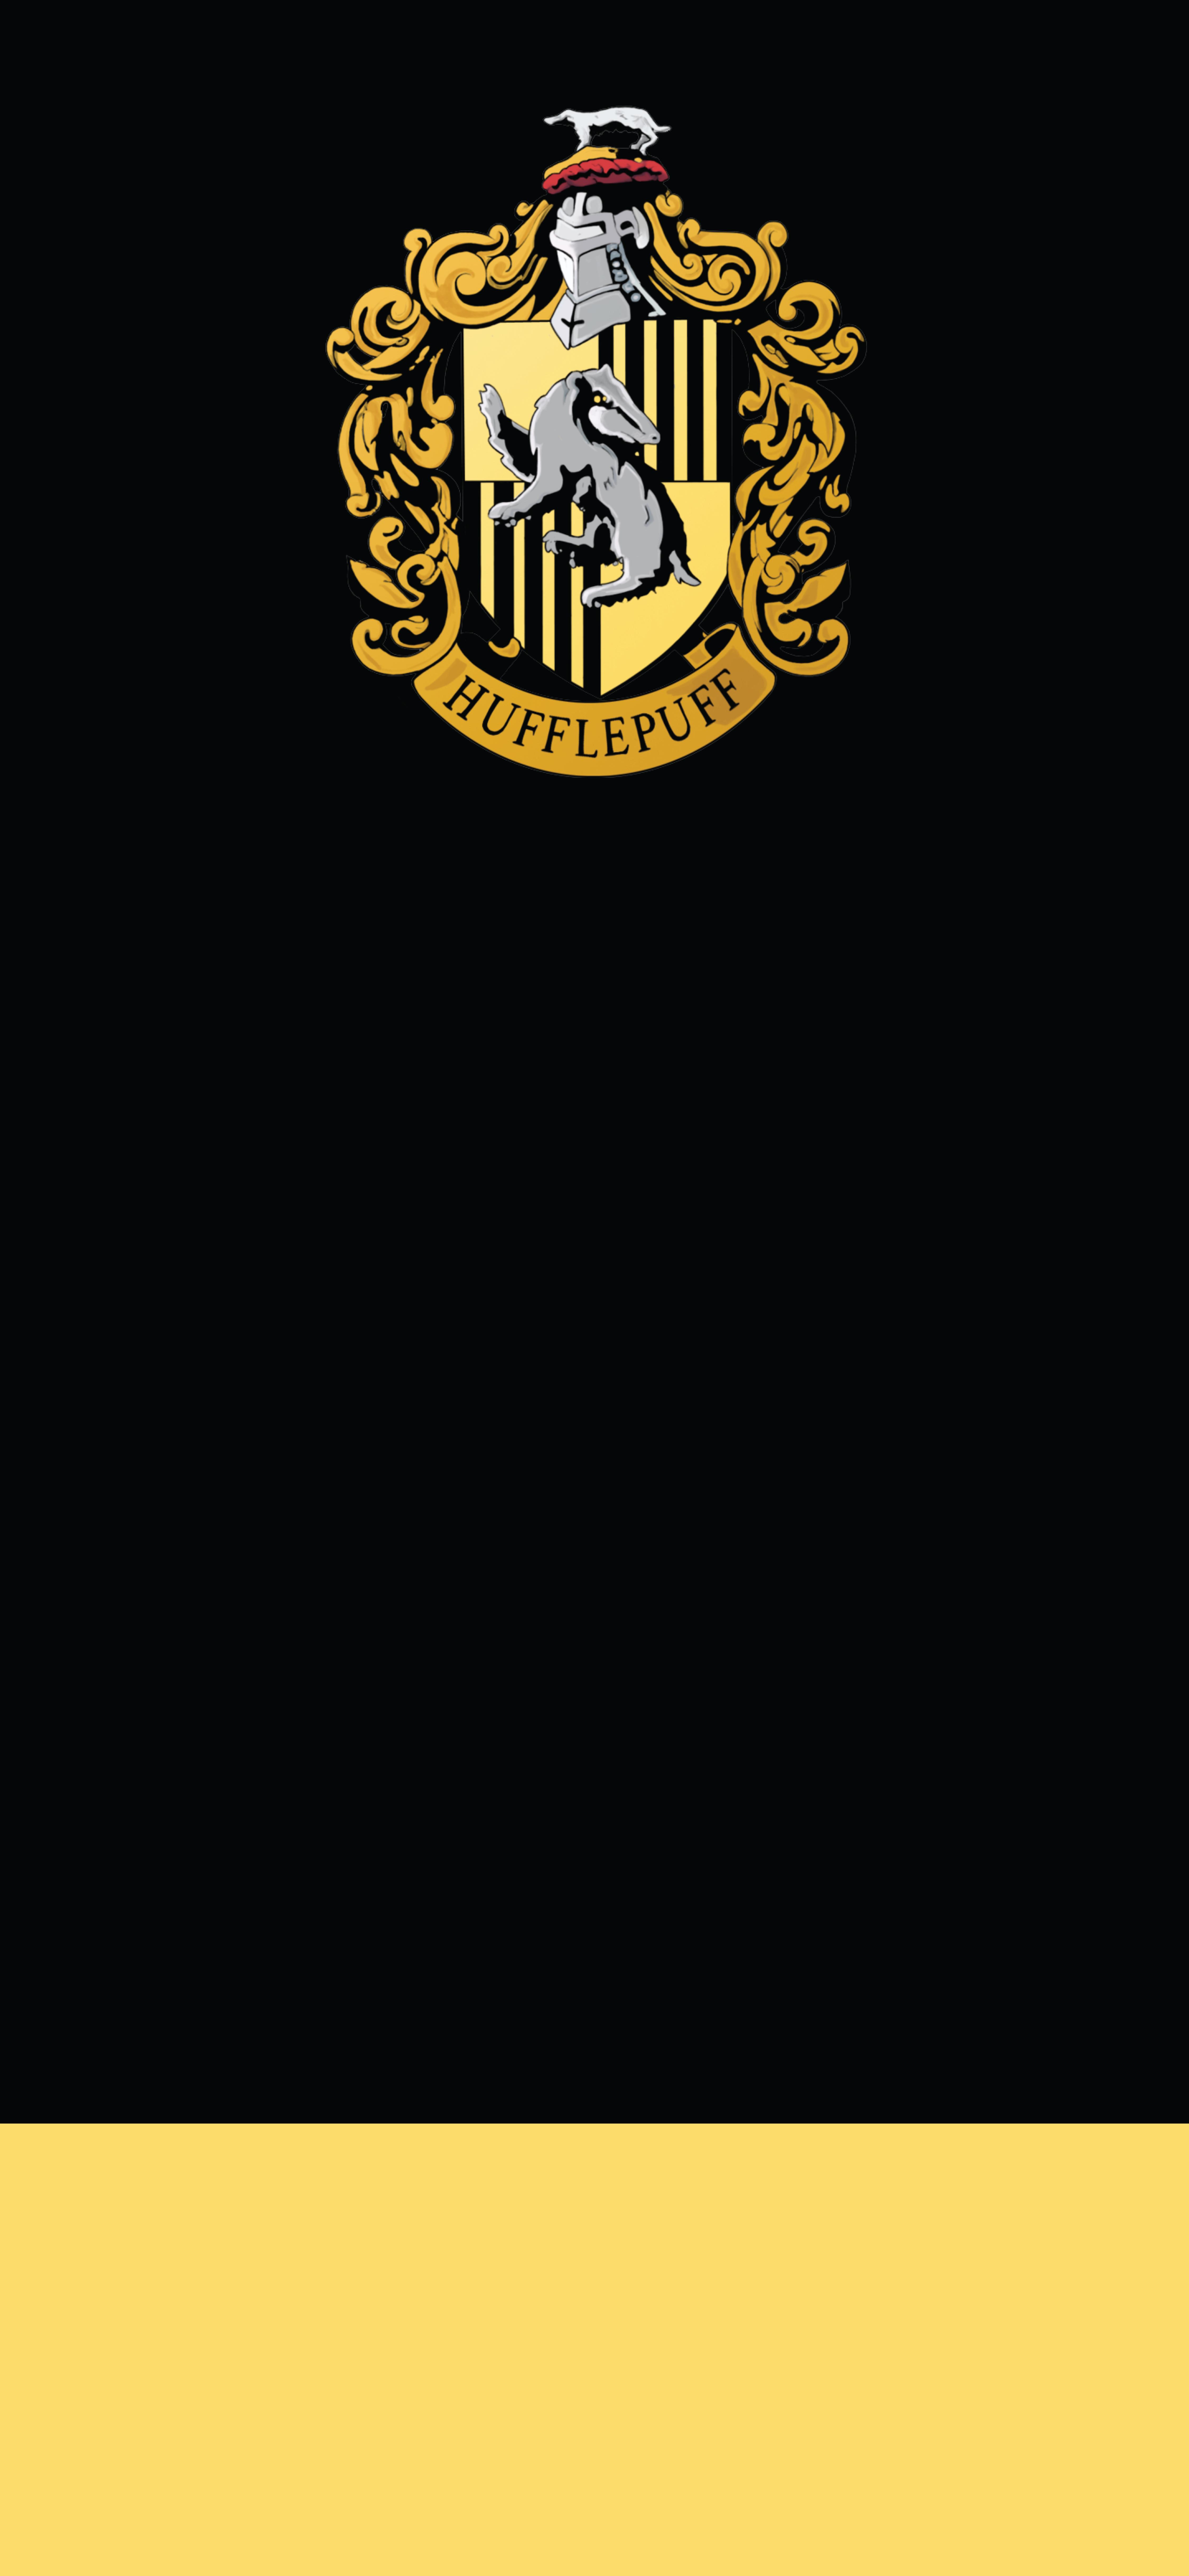 デスクトップ壁紙 ハリーポッター ミニマリズム 黒 黄 4500x9750